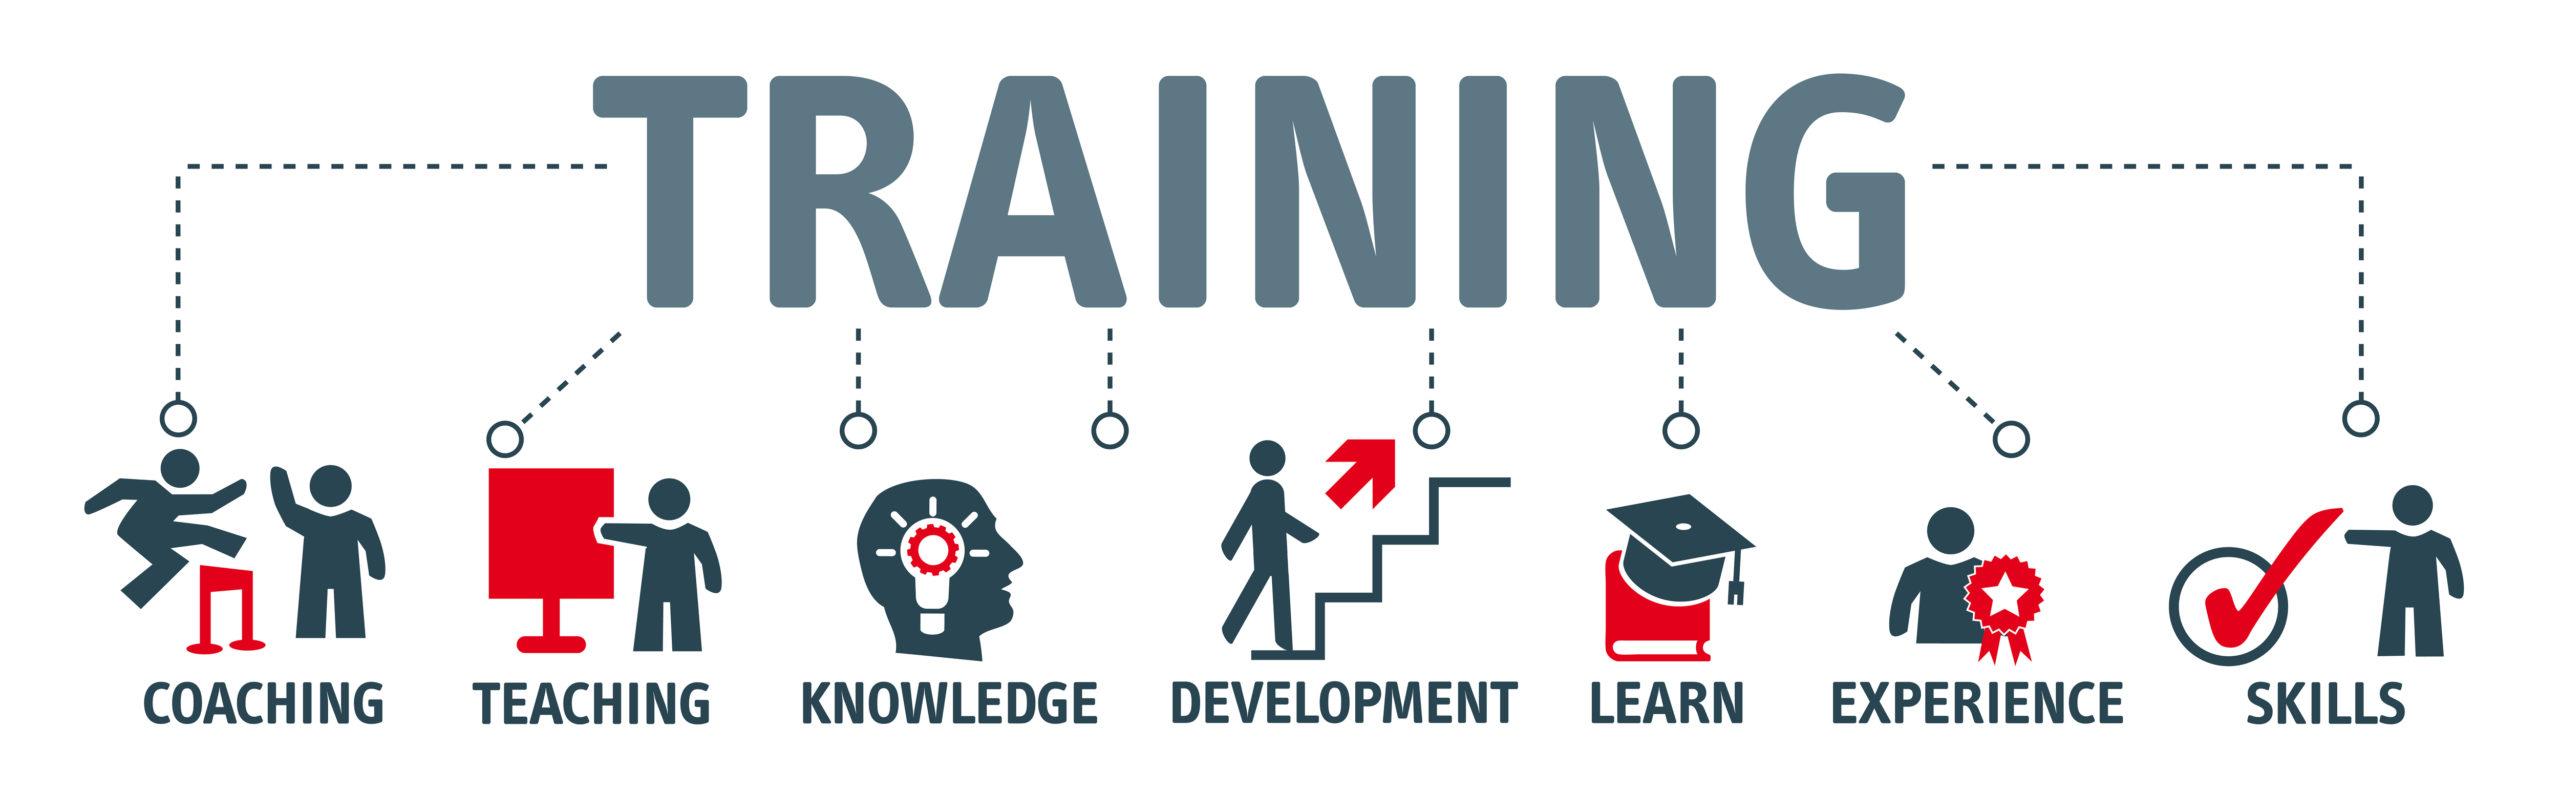 De voordelen van een incompany training bij Incompanytrain. Een goede training levert je coaching, kennis, ontwikkeling, ervaring en vaardigheden.